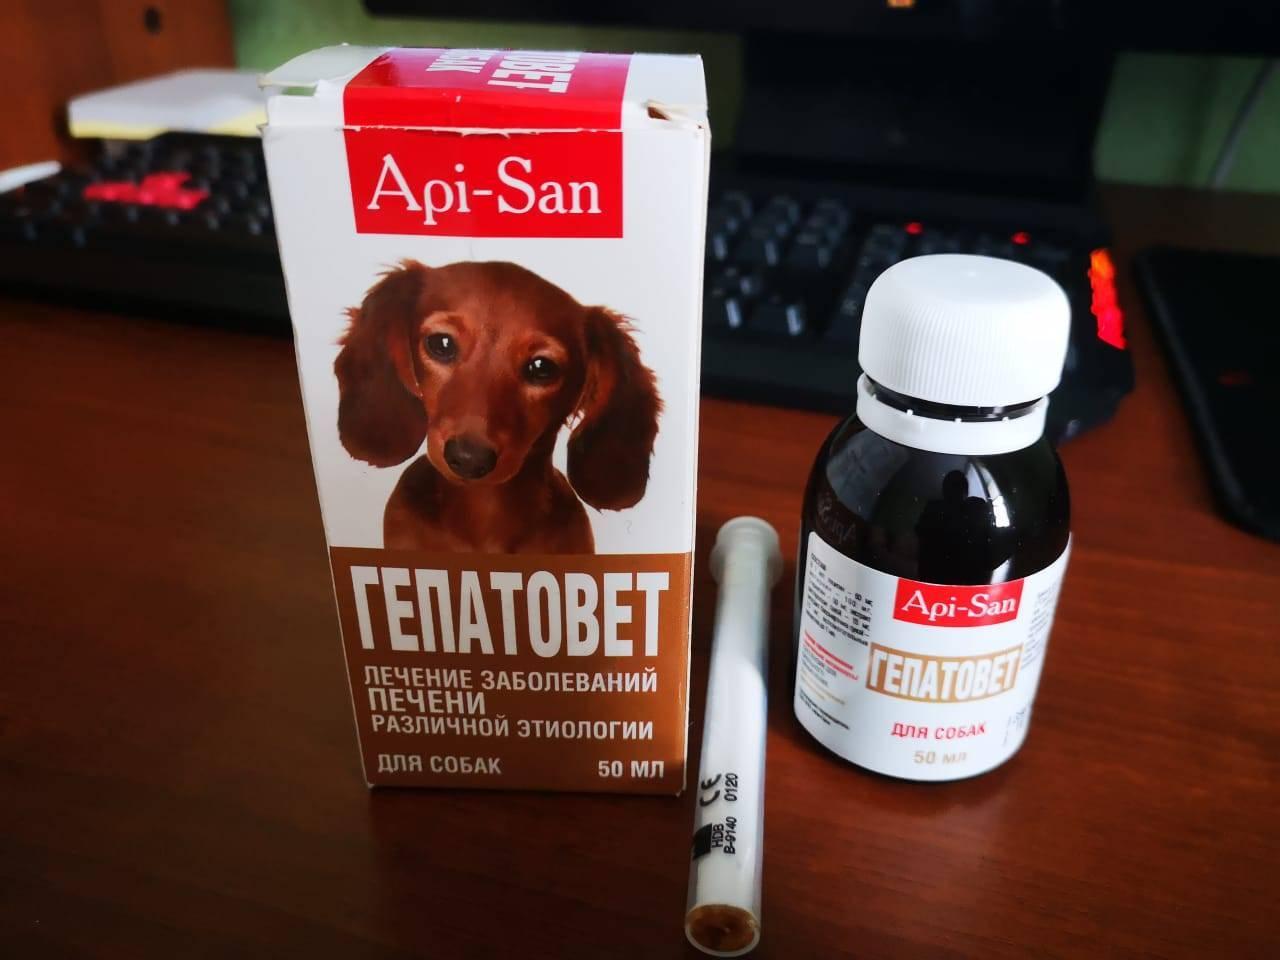 Состав препарата гепатовет для кошки: способ применения гепатопротекторов